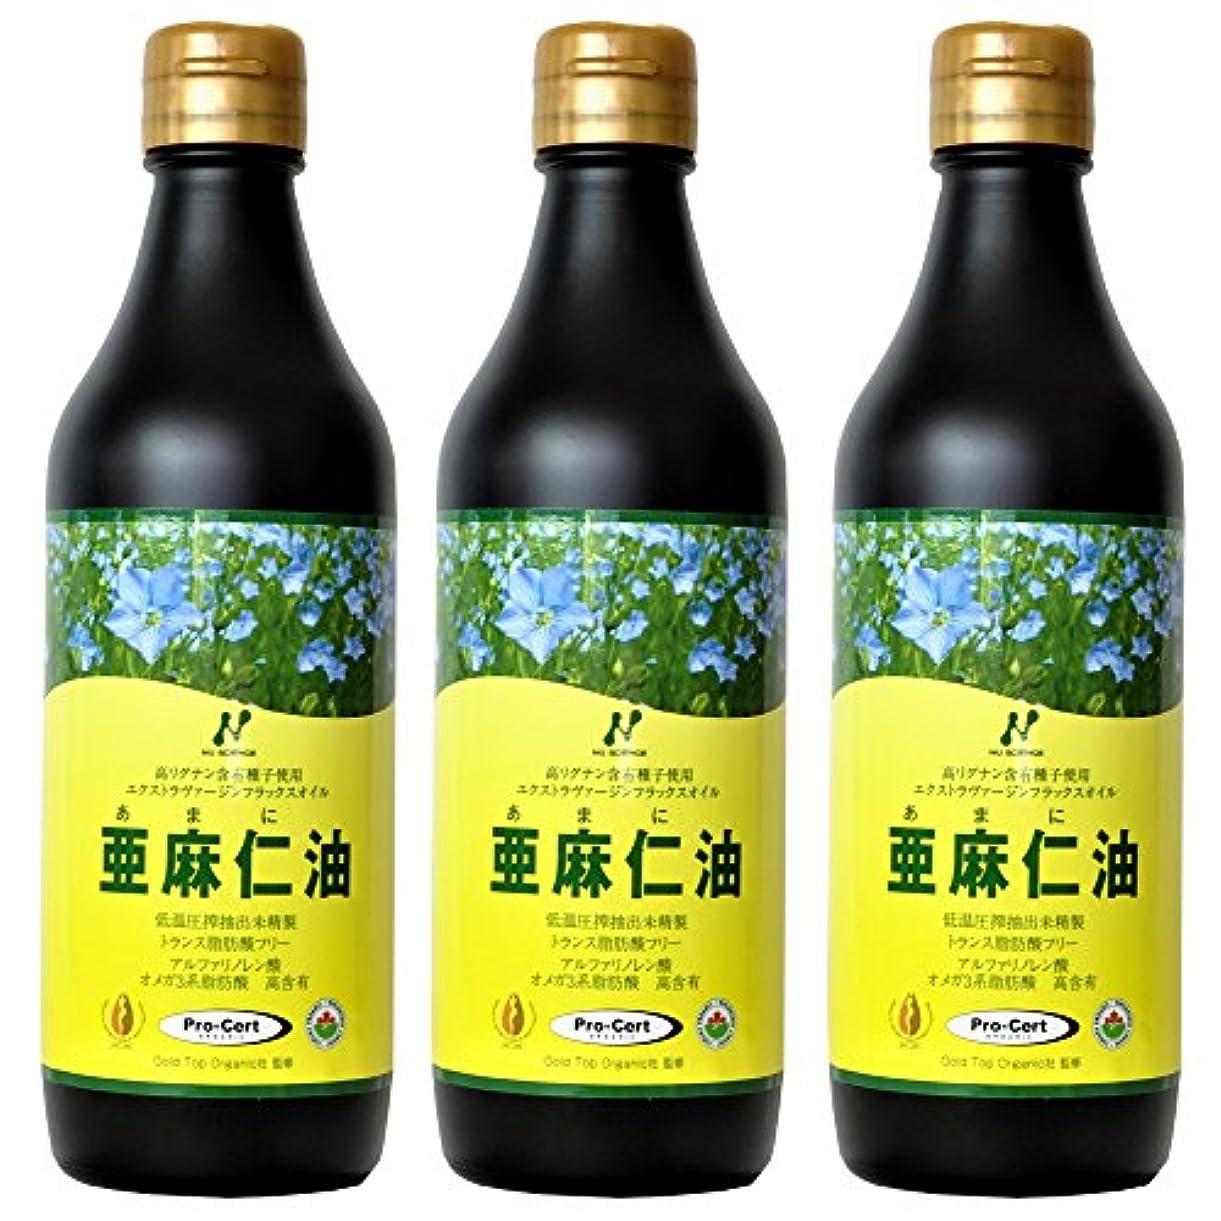 コレクション曖昧なブルゴーニュニューサイエンス 亜麻仁油 (フラックスオイル) 3本セット